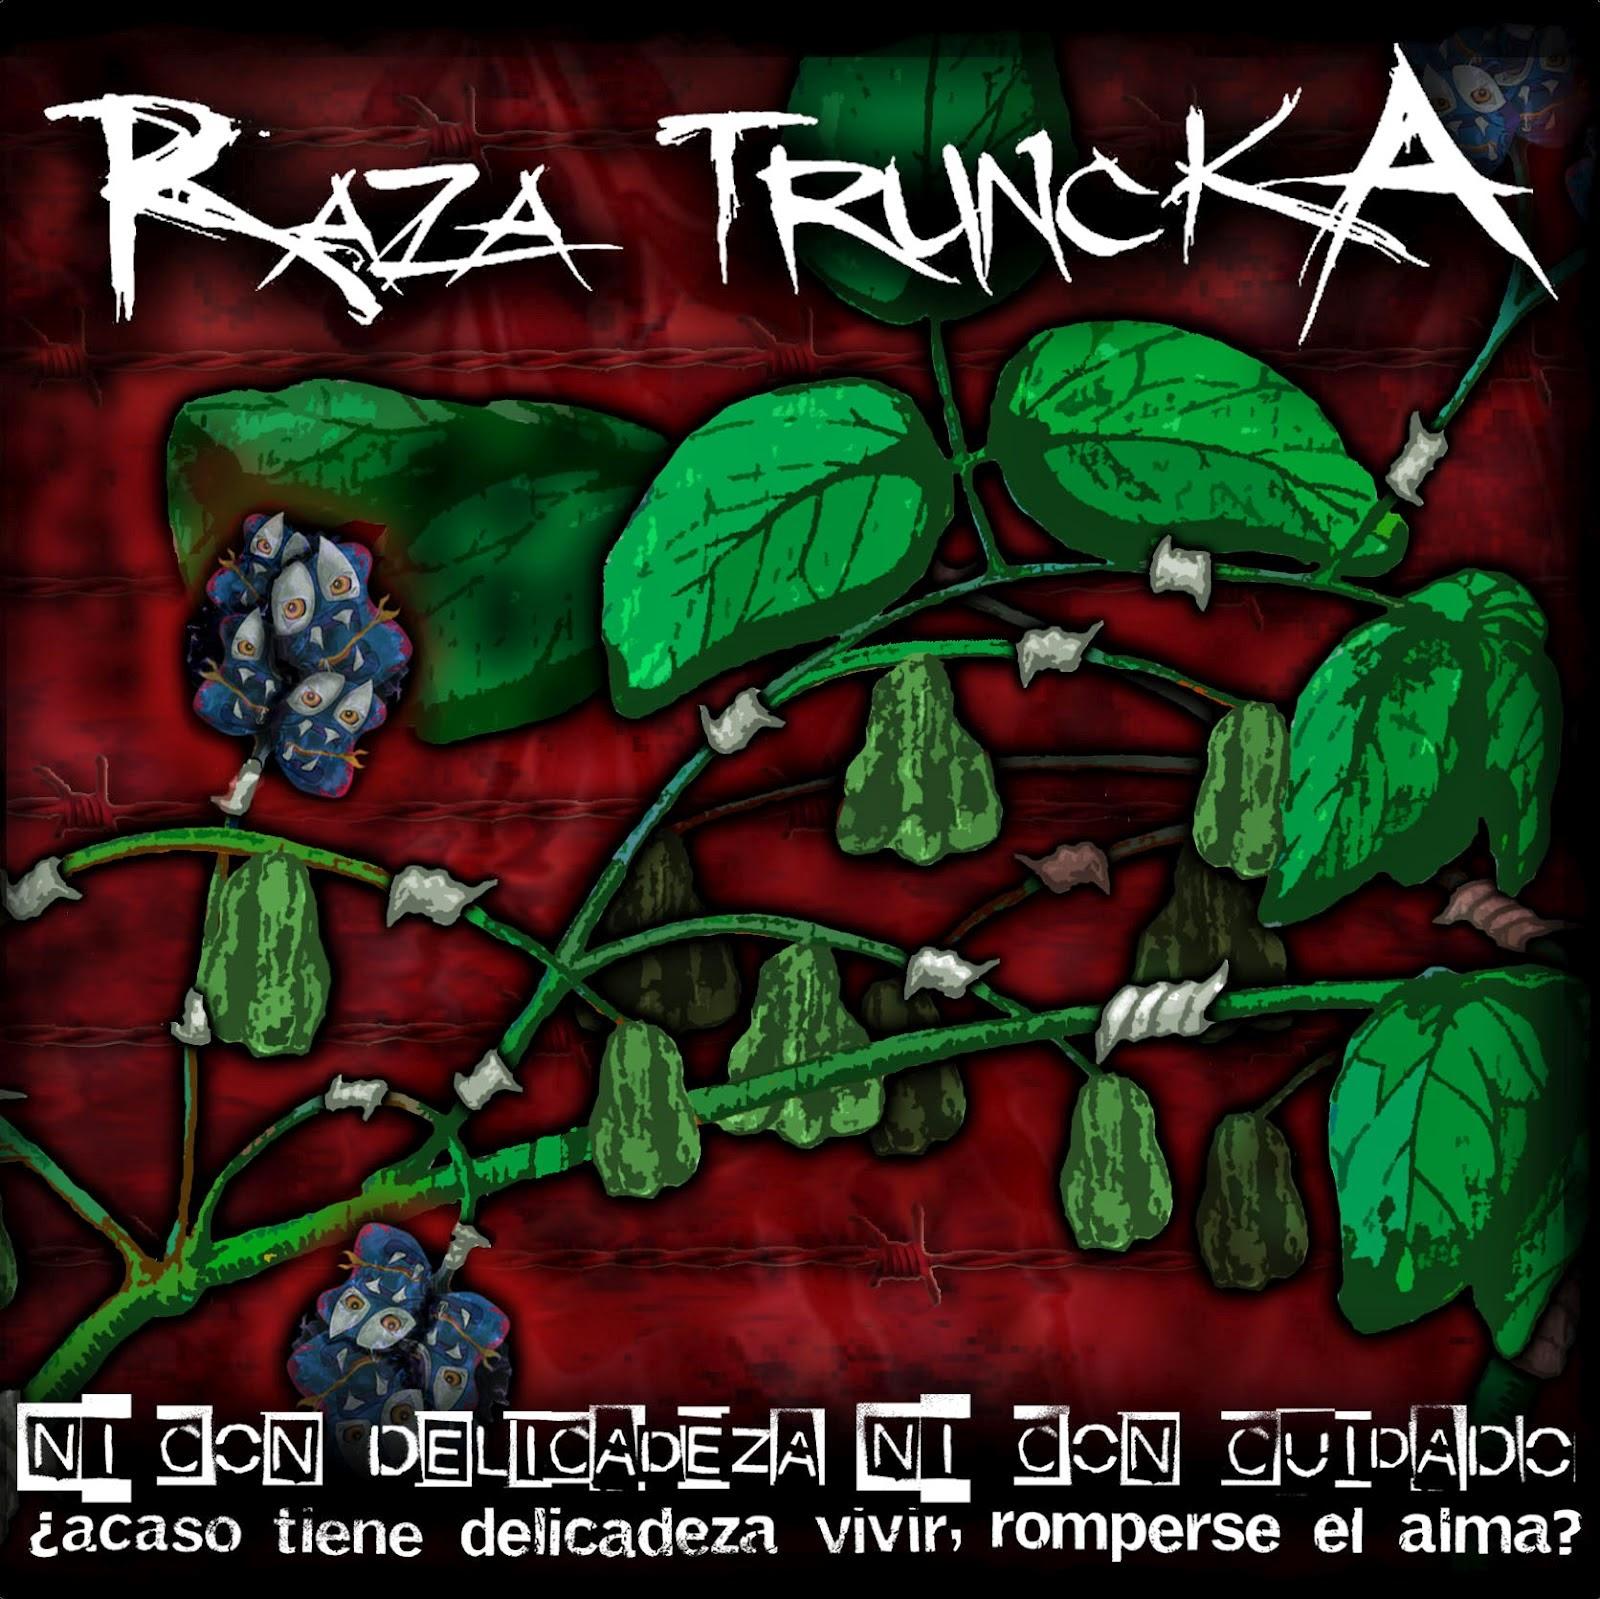 Raza Truncka - Ni con Delicadeza, ni con Cuidado (2012)